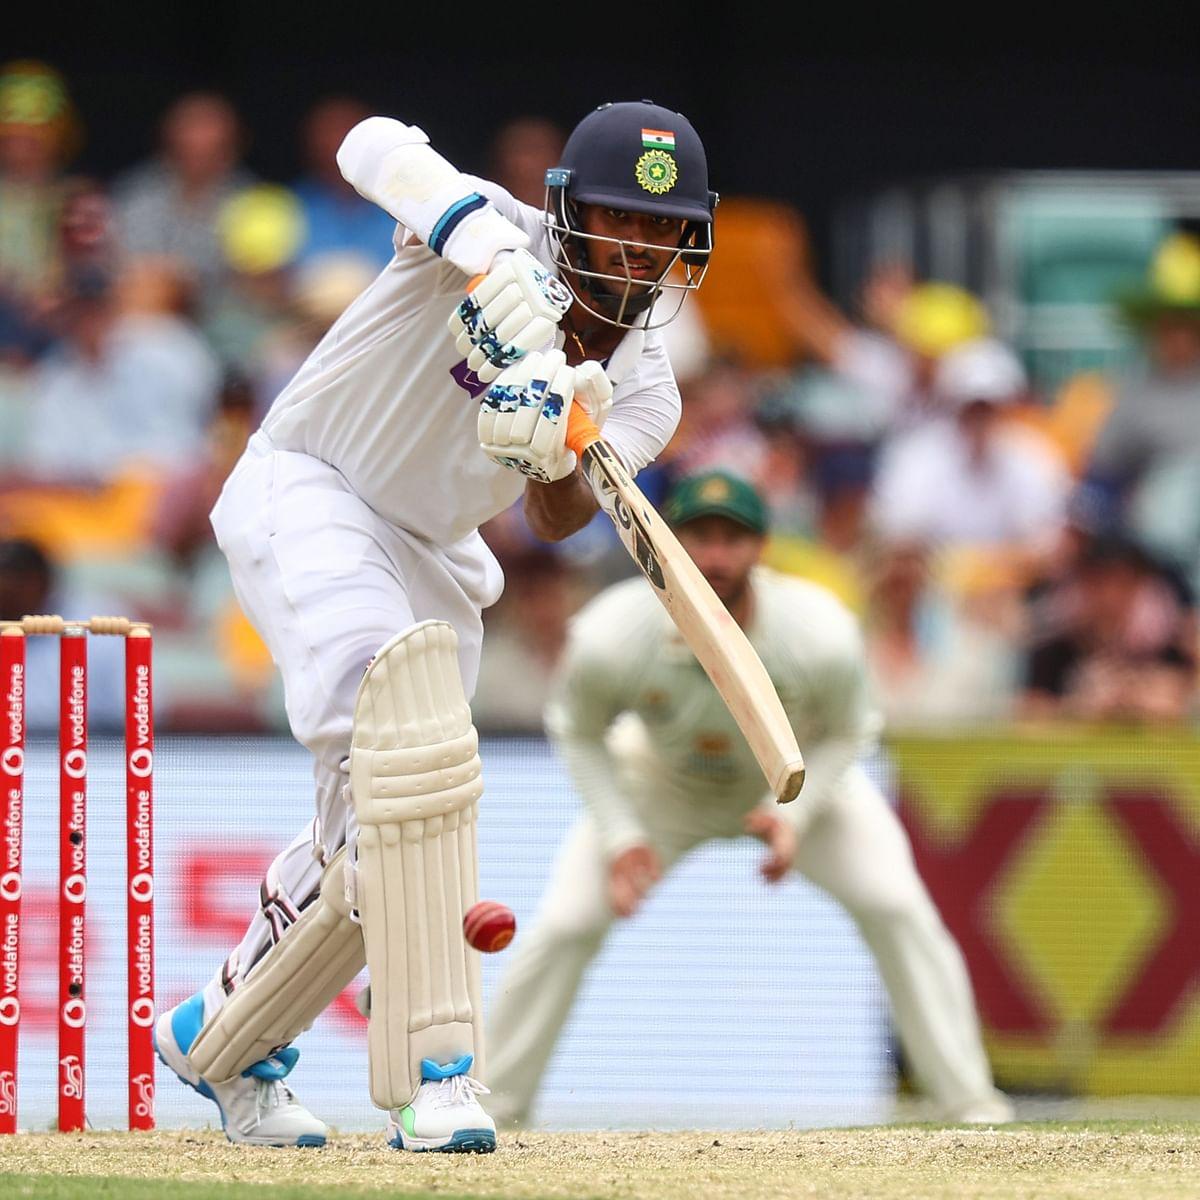 Ind vs Aus, 4th Test: Sundar, Shardul guide India to 253/6 at tea after soft dismissals